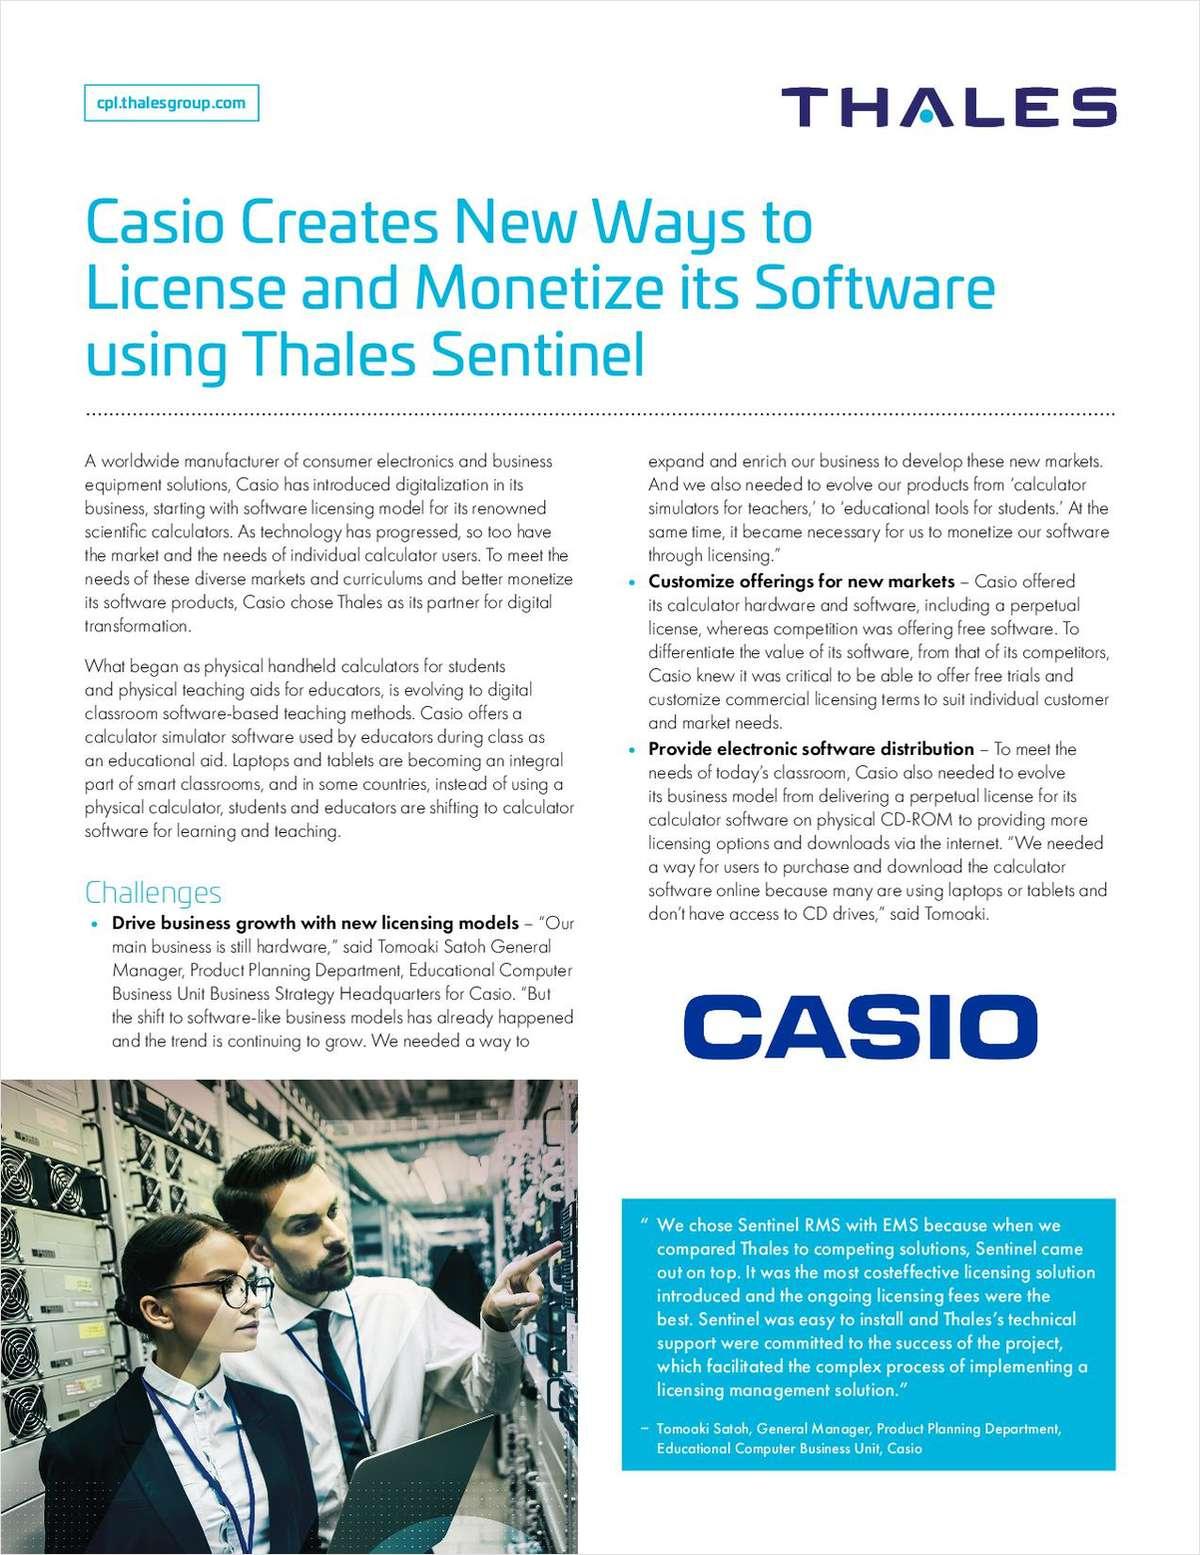 Casio conquiert de nouveaux marchés et augmente ses revenus grâce à de nouveaux modèles de logiciels